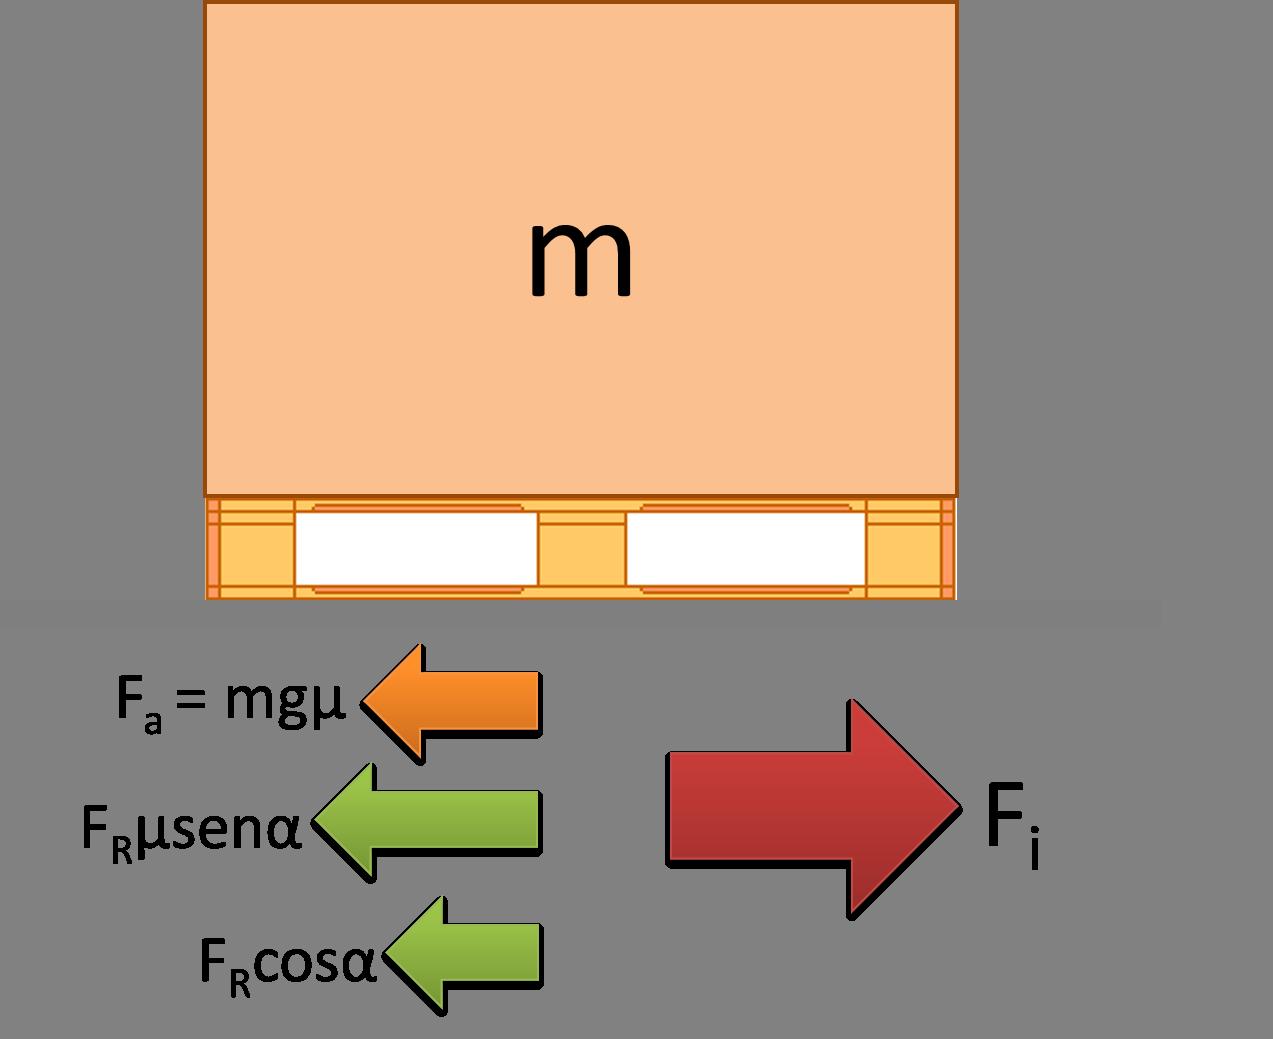 Equilibrio delle forze in direzione orizzontale per il caso di frenata